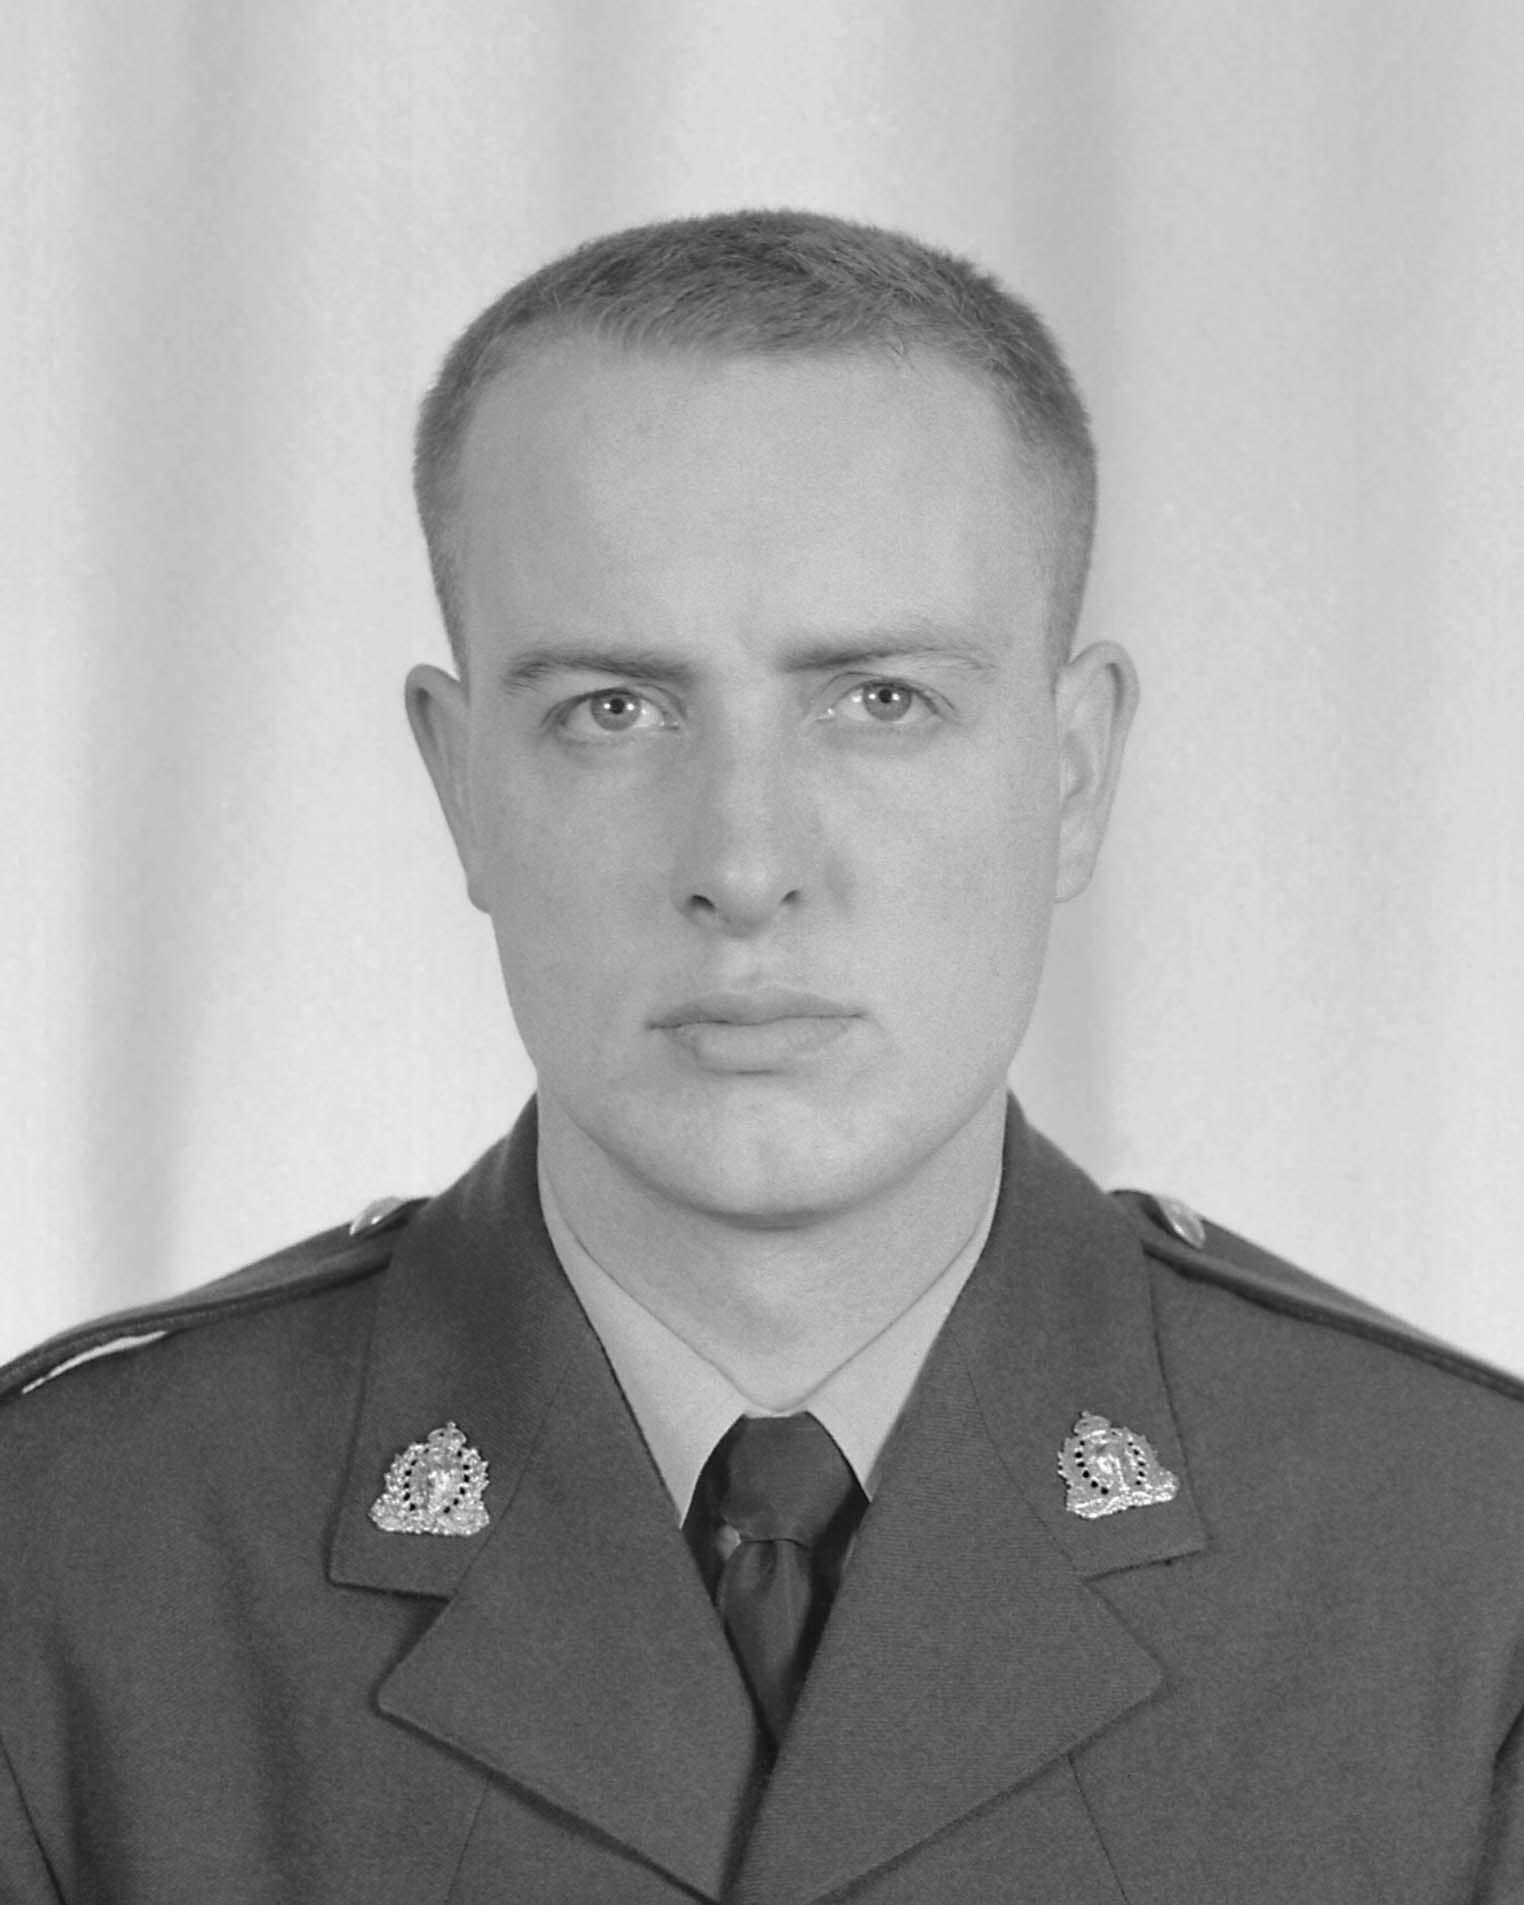 Second Class Constable Glen Frederick Farough